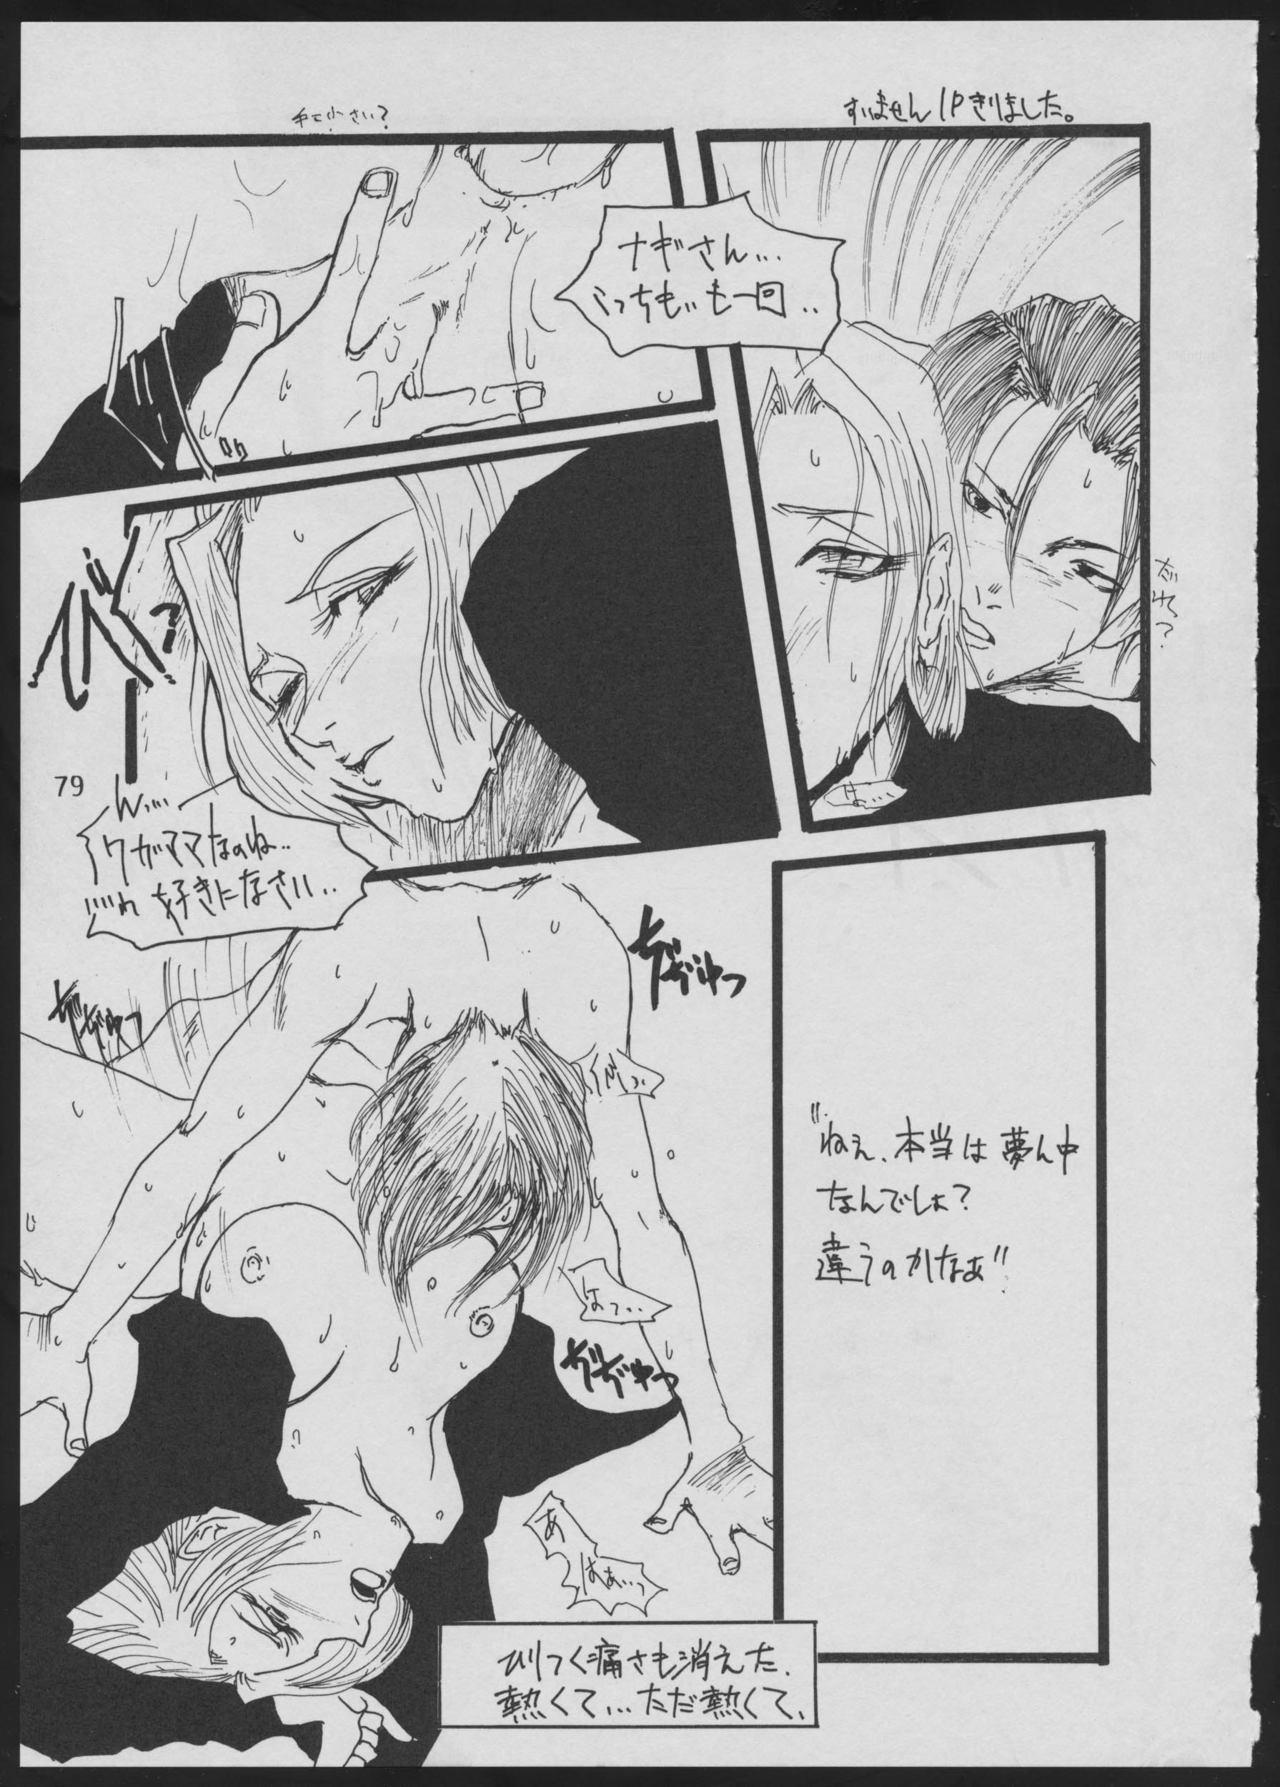 '96 Natsu no Game 18-kin Special 78